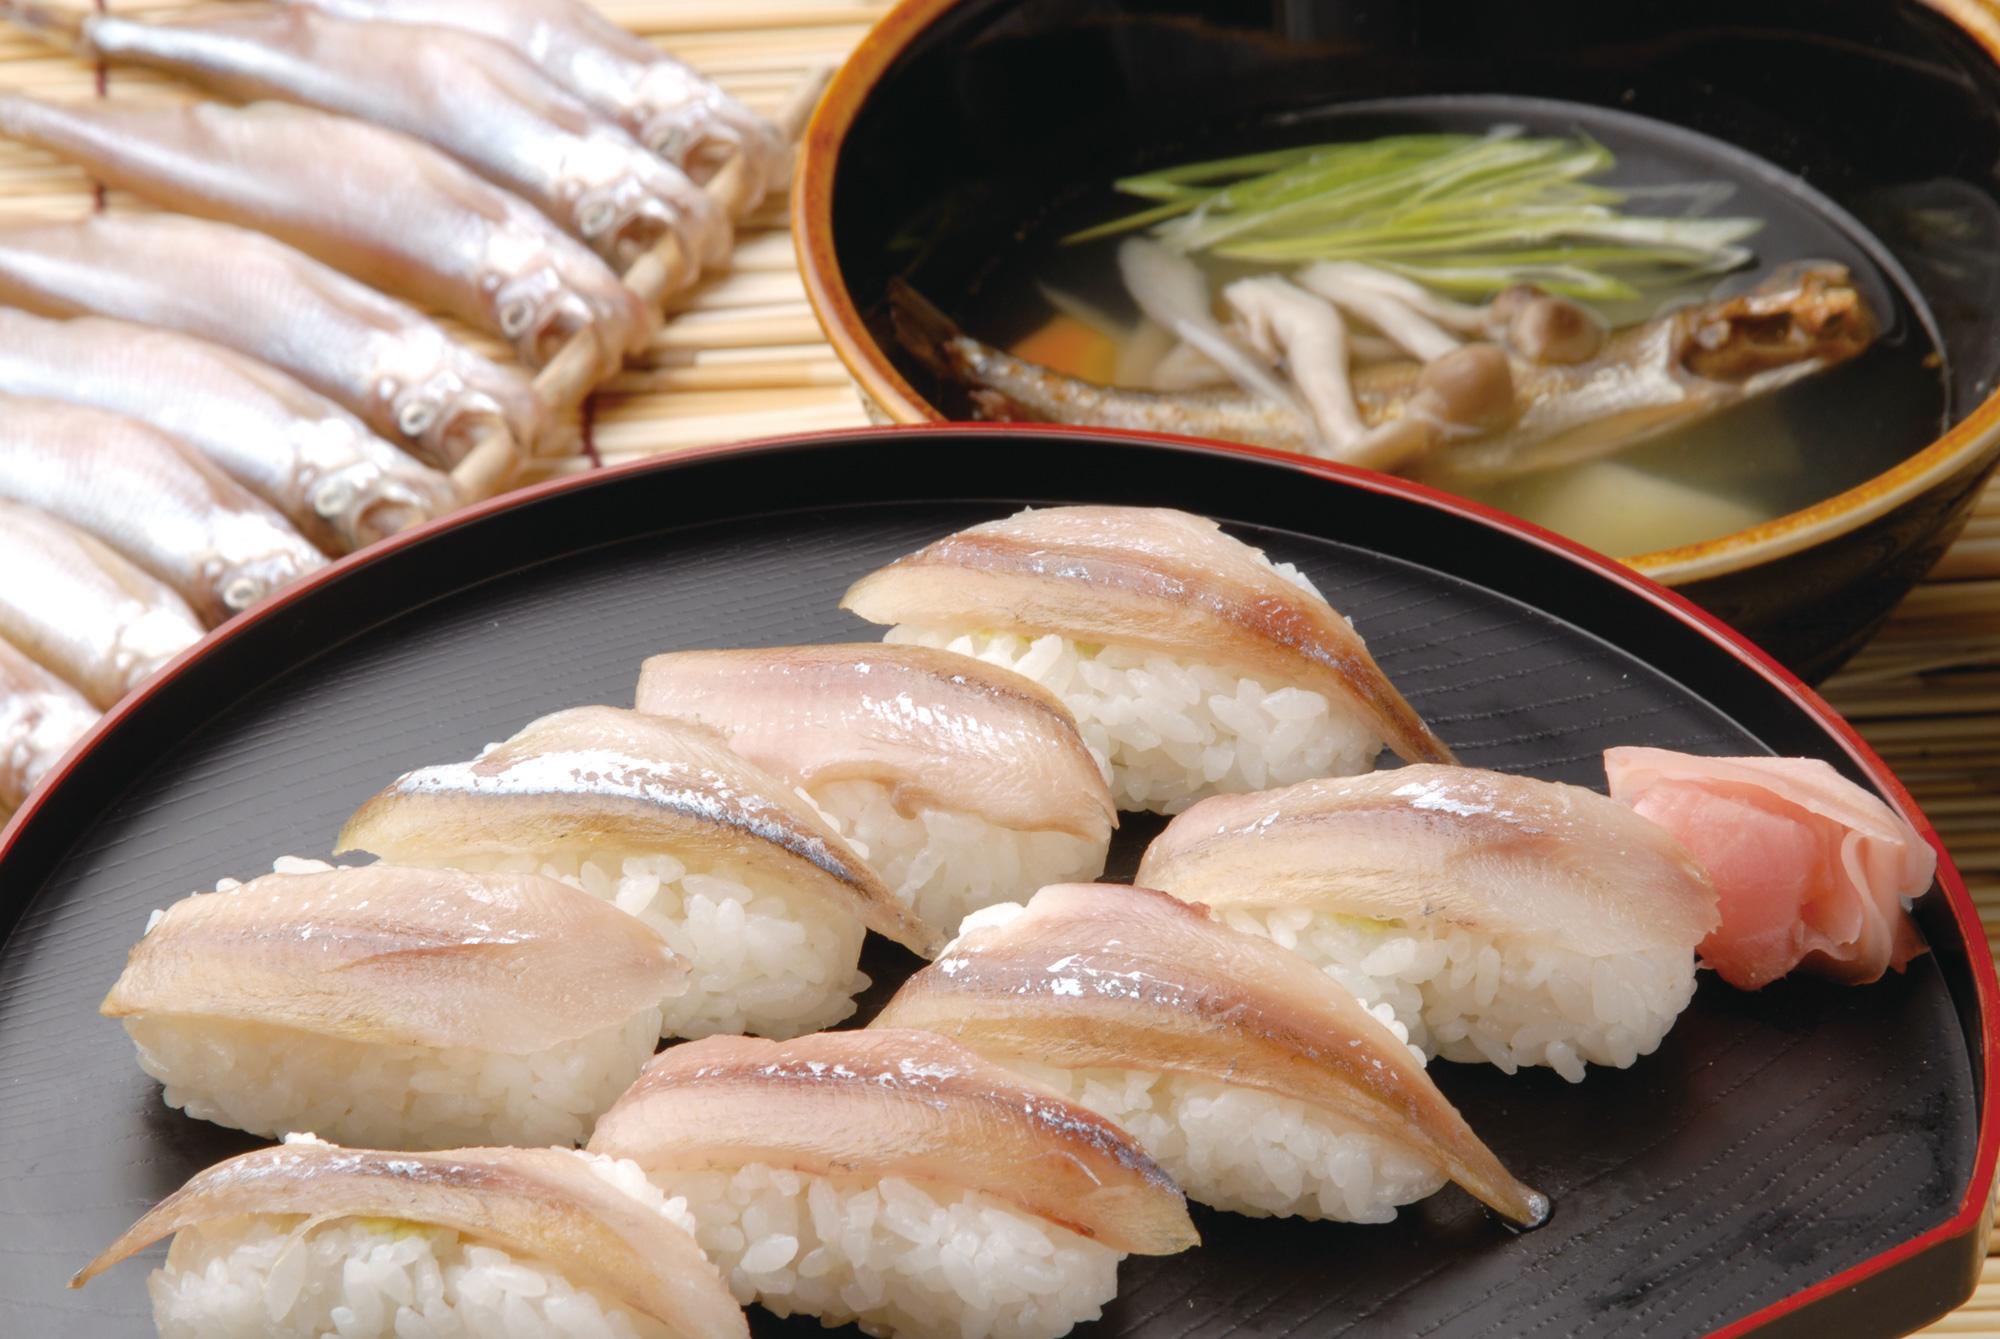 日高の老舗寿司店で味わう ししゃも寿司 と\アイヌ文化 札幌発着 (6/24) 札幌